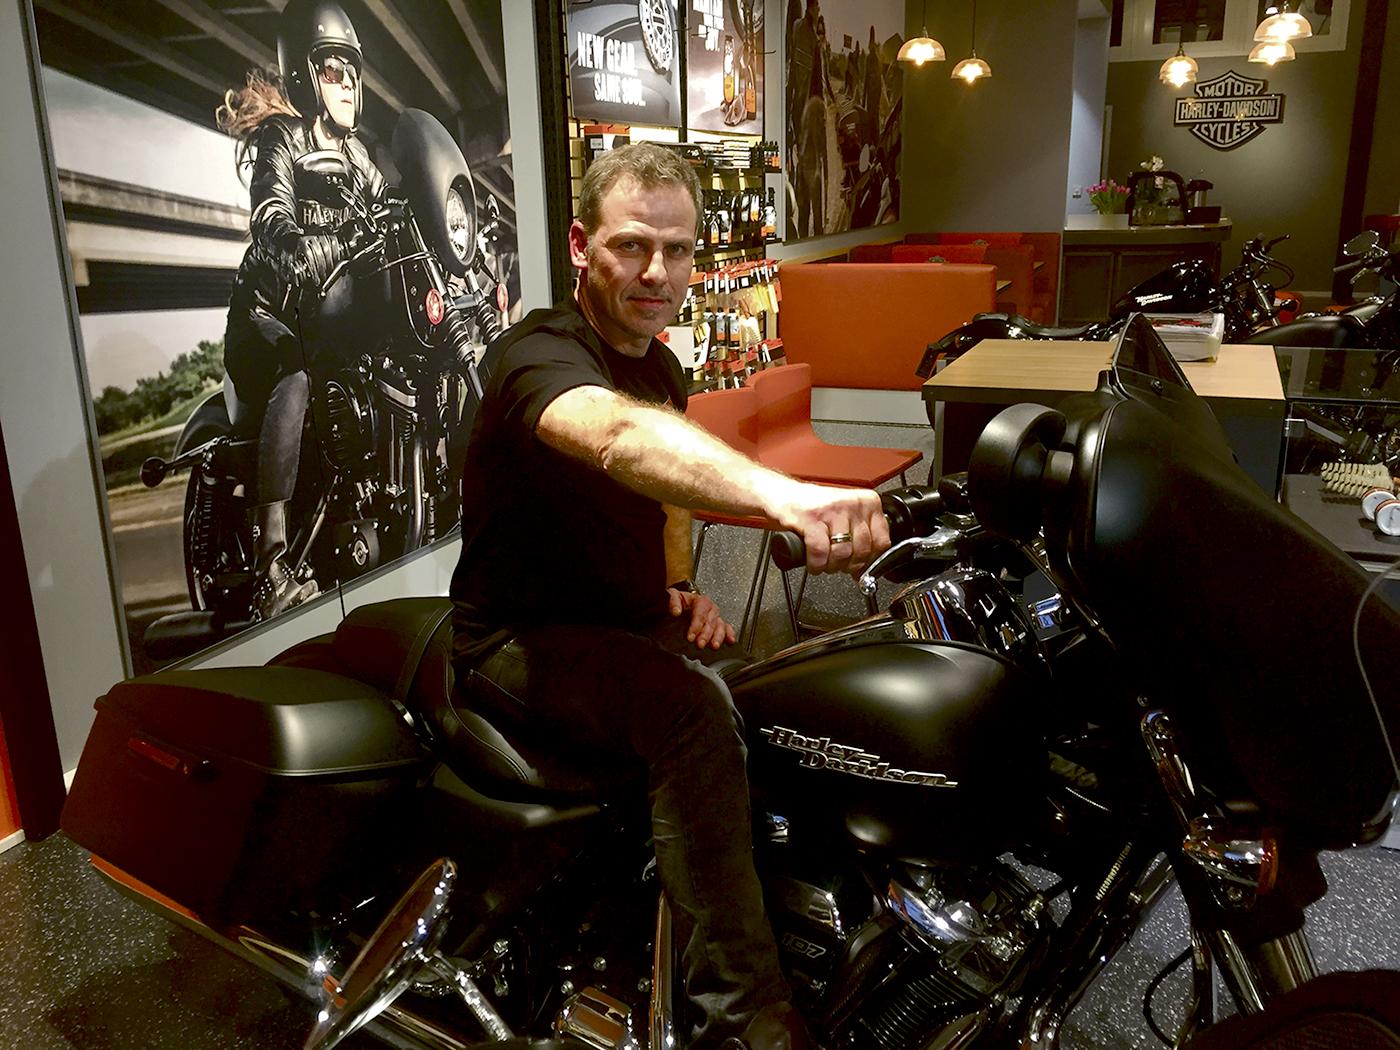 REALISERTE EGEN DRØM: Drømmen Om å Jobbe Med Harley-Davidson Har Vært Stor For Robert Fauske. Forrige Mandag Gikk Drømmen I Oppfyllelse Da Han åpnet Harley-Davidson Butikk I Sørlandsparken. Foto: Svein Kristiansen